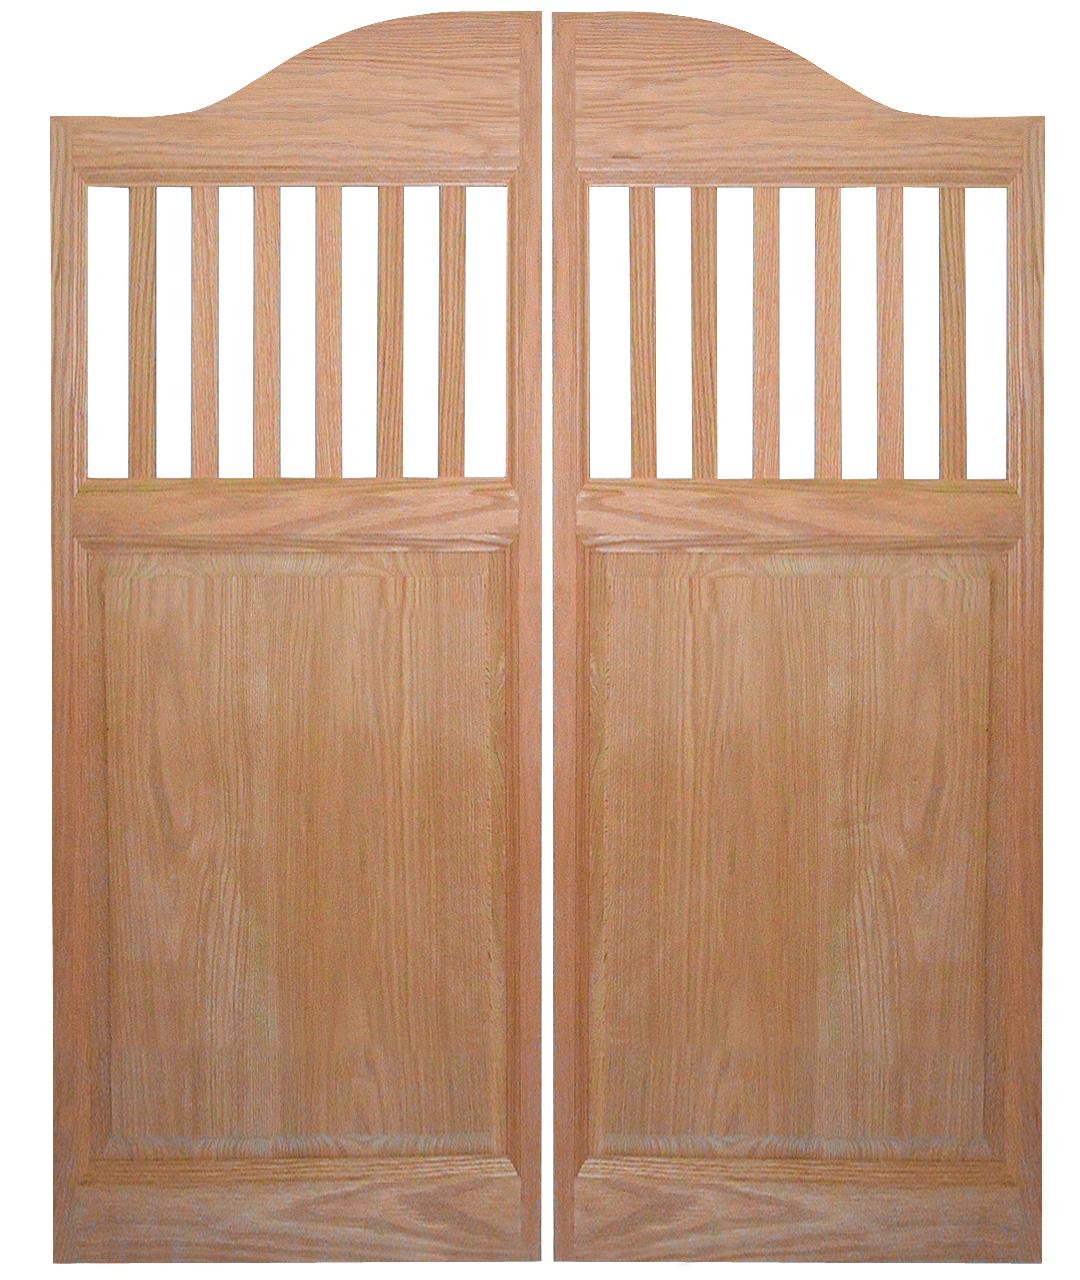 oak-mission-spindles-saloon-door.jpg